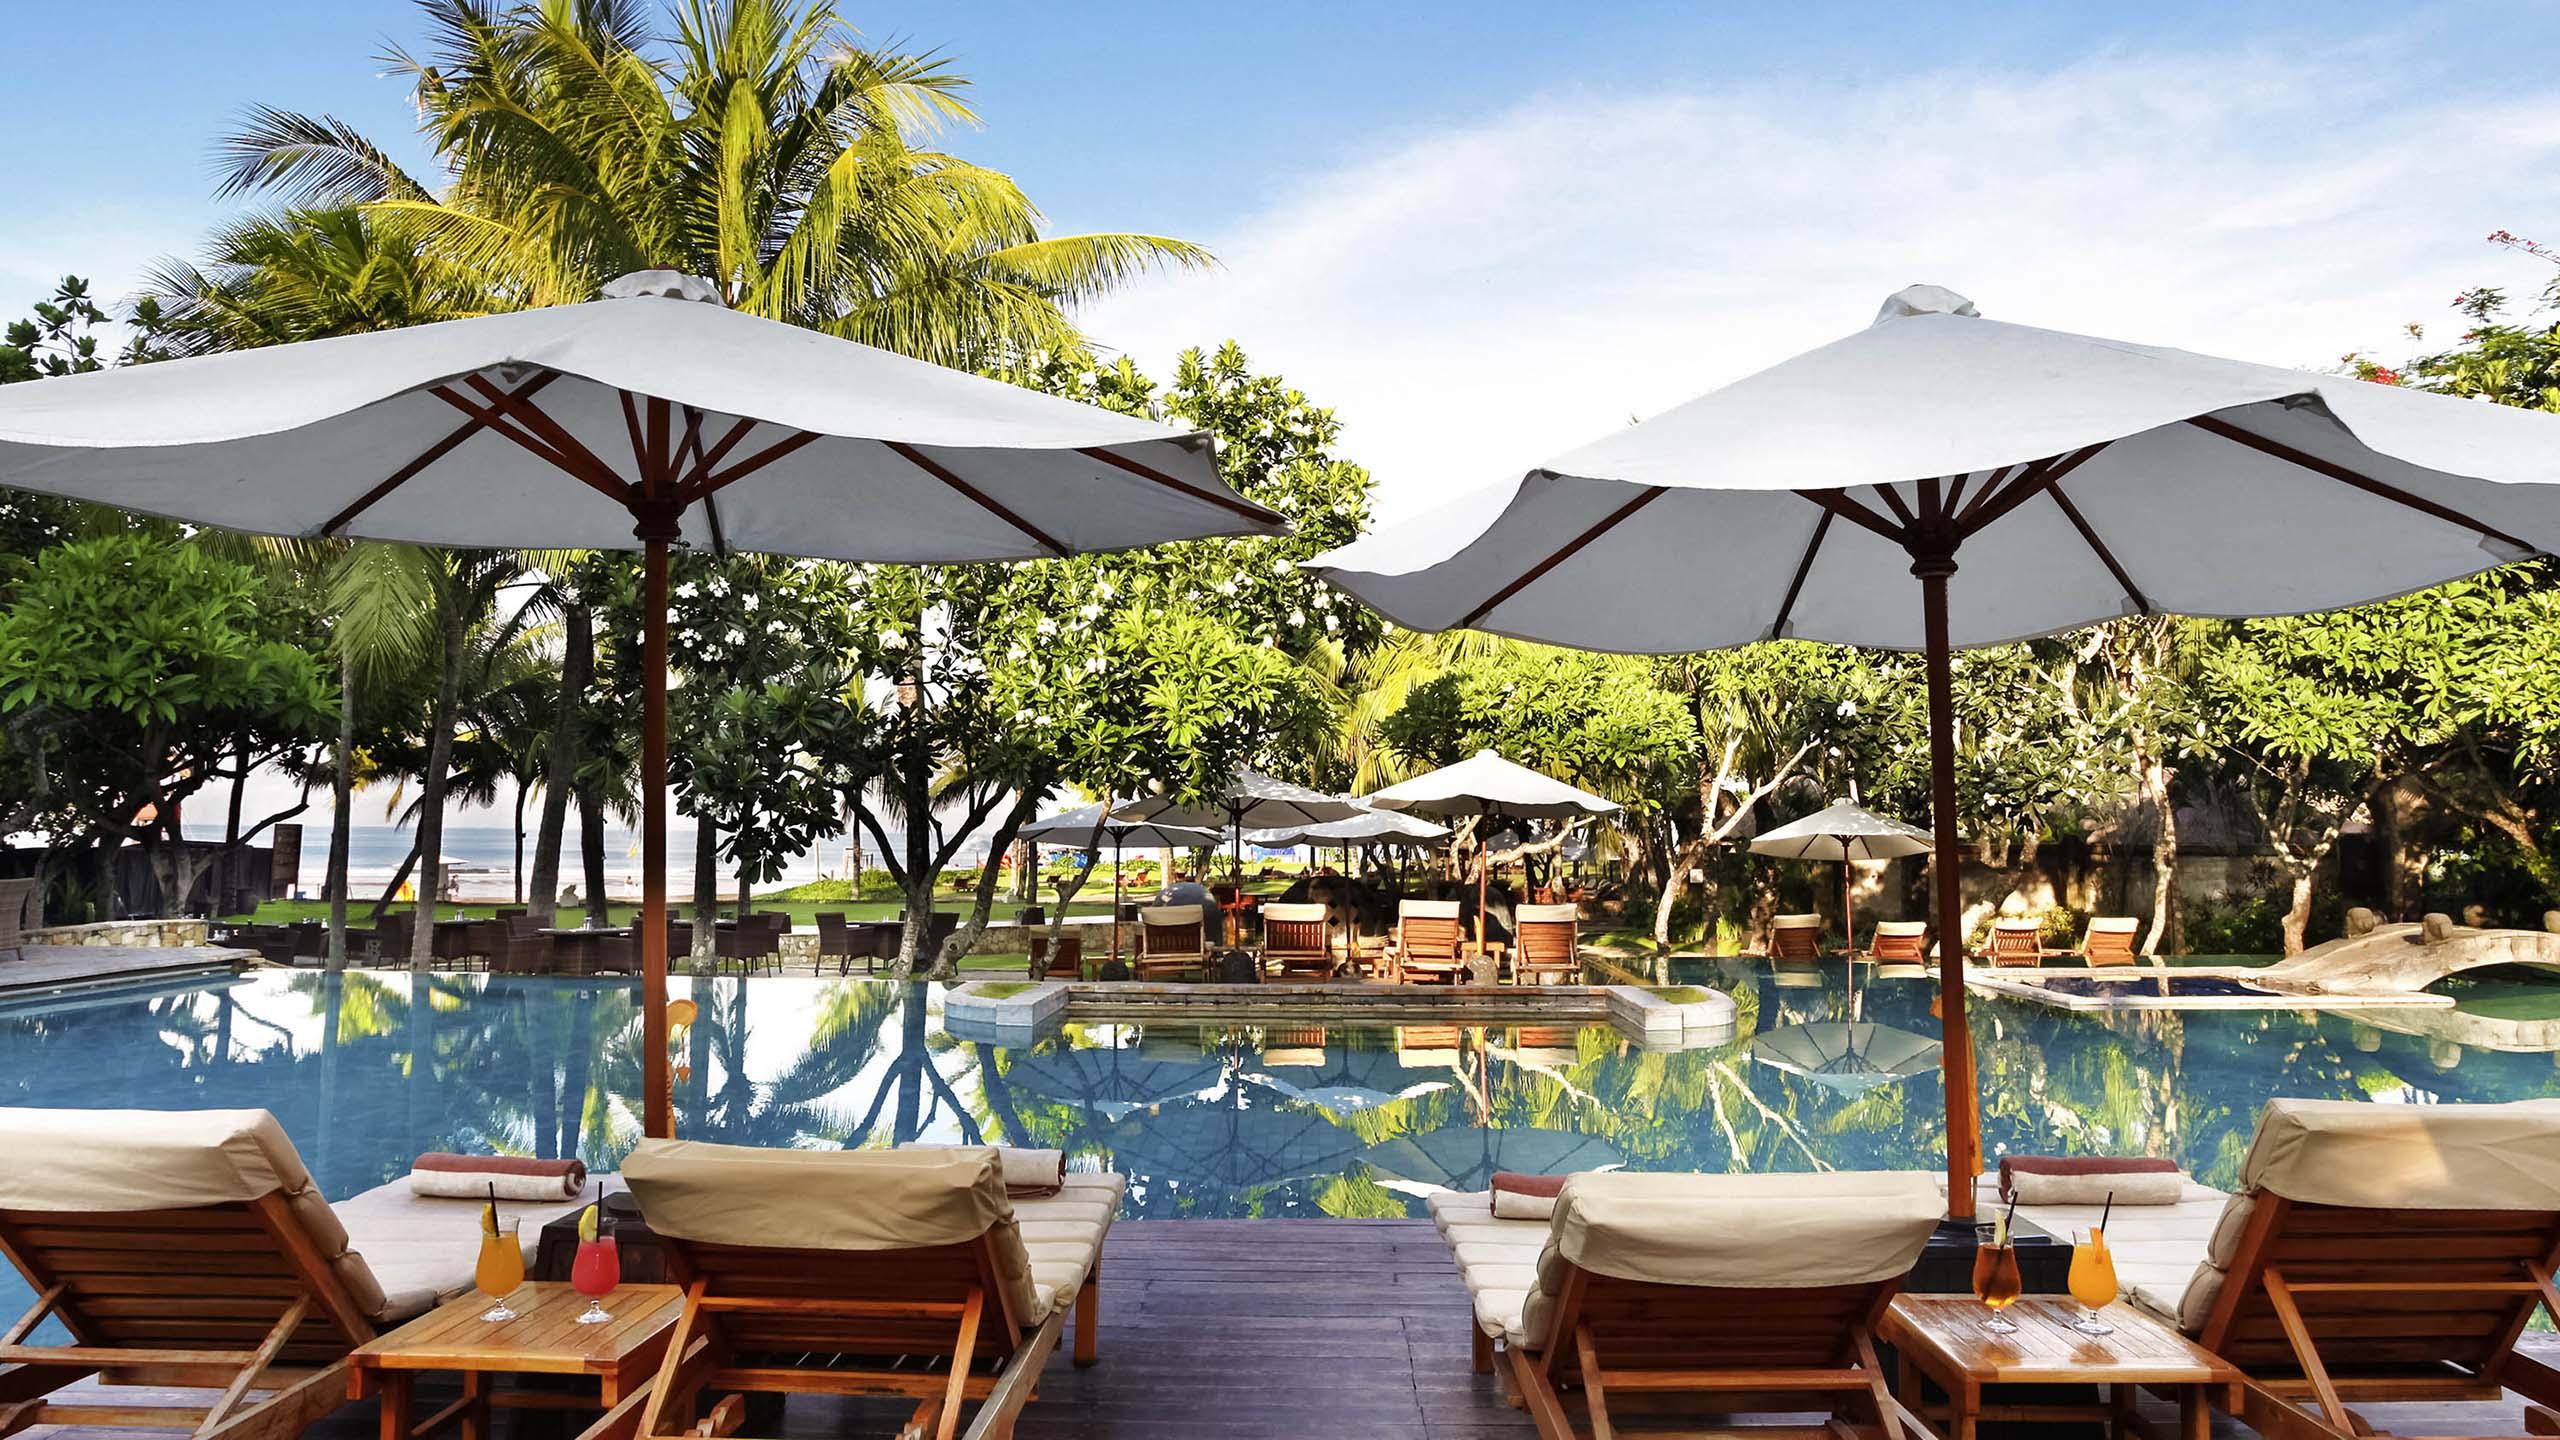 Full Size of Bali Bett Outdoor Luxushotel Seminyak The Royal Beach Mgallery Clinique Even Better Foundation Amerikanische Betten Balinesische Weißes 140x200 Meise Weiß Wohnzimmer Bali Bett Outdoor